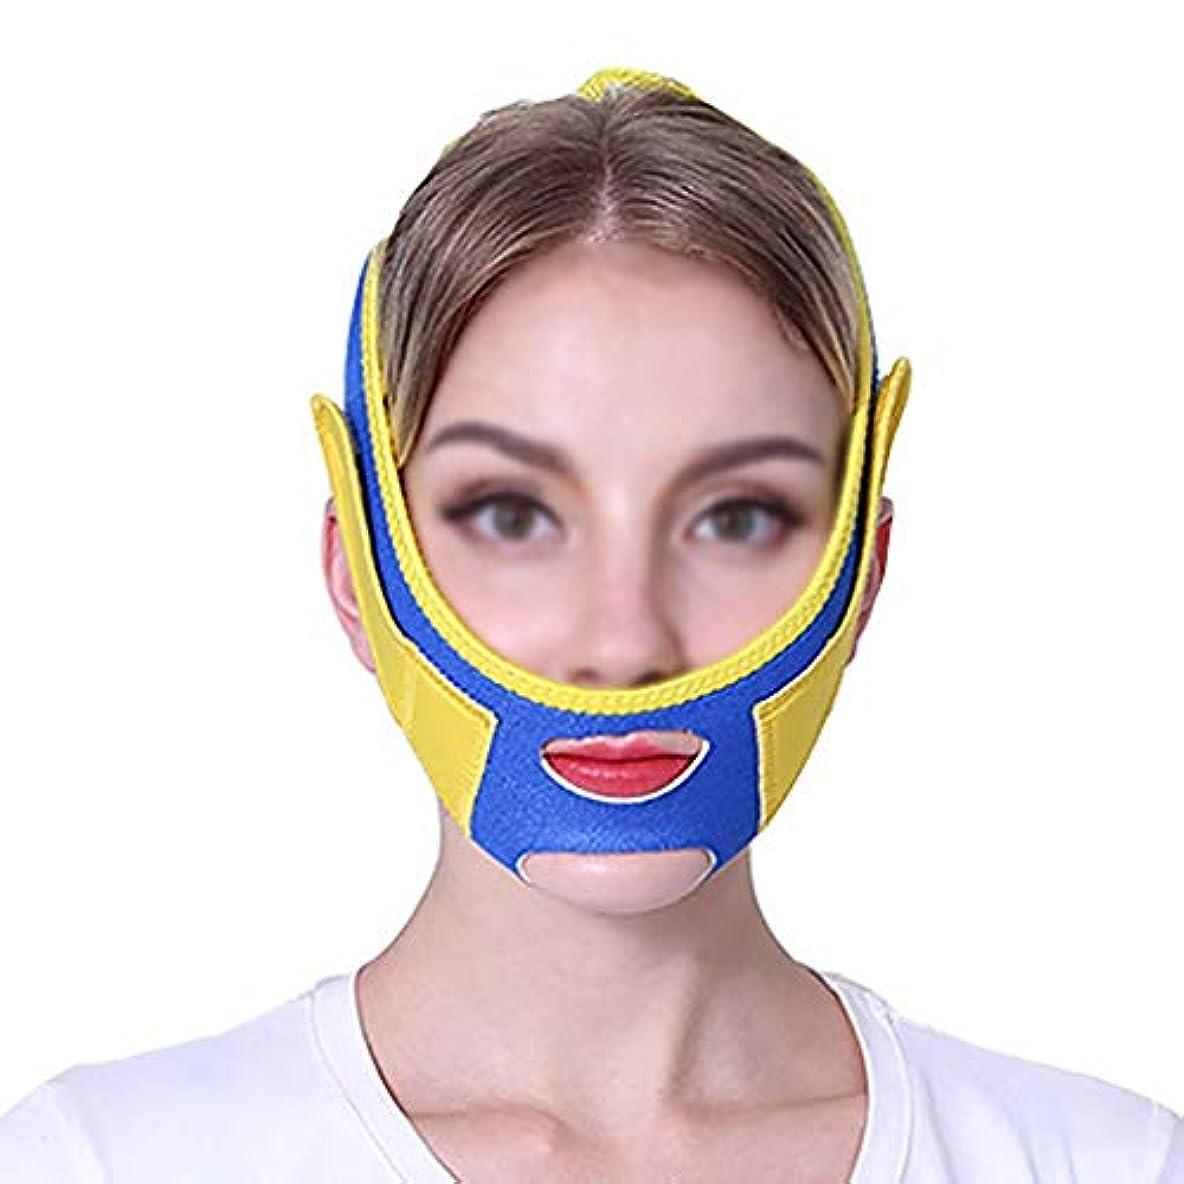 見分けるお手入れわずかなファーミングフェイスマスク、スモールVフェイスアーティファクトリフティングマスクフェイスリフティングフェイスメロンフェイスリフティングフェイスマスクファーミングクリームフェイスリフティング包帯